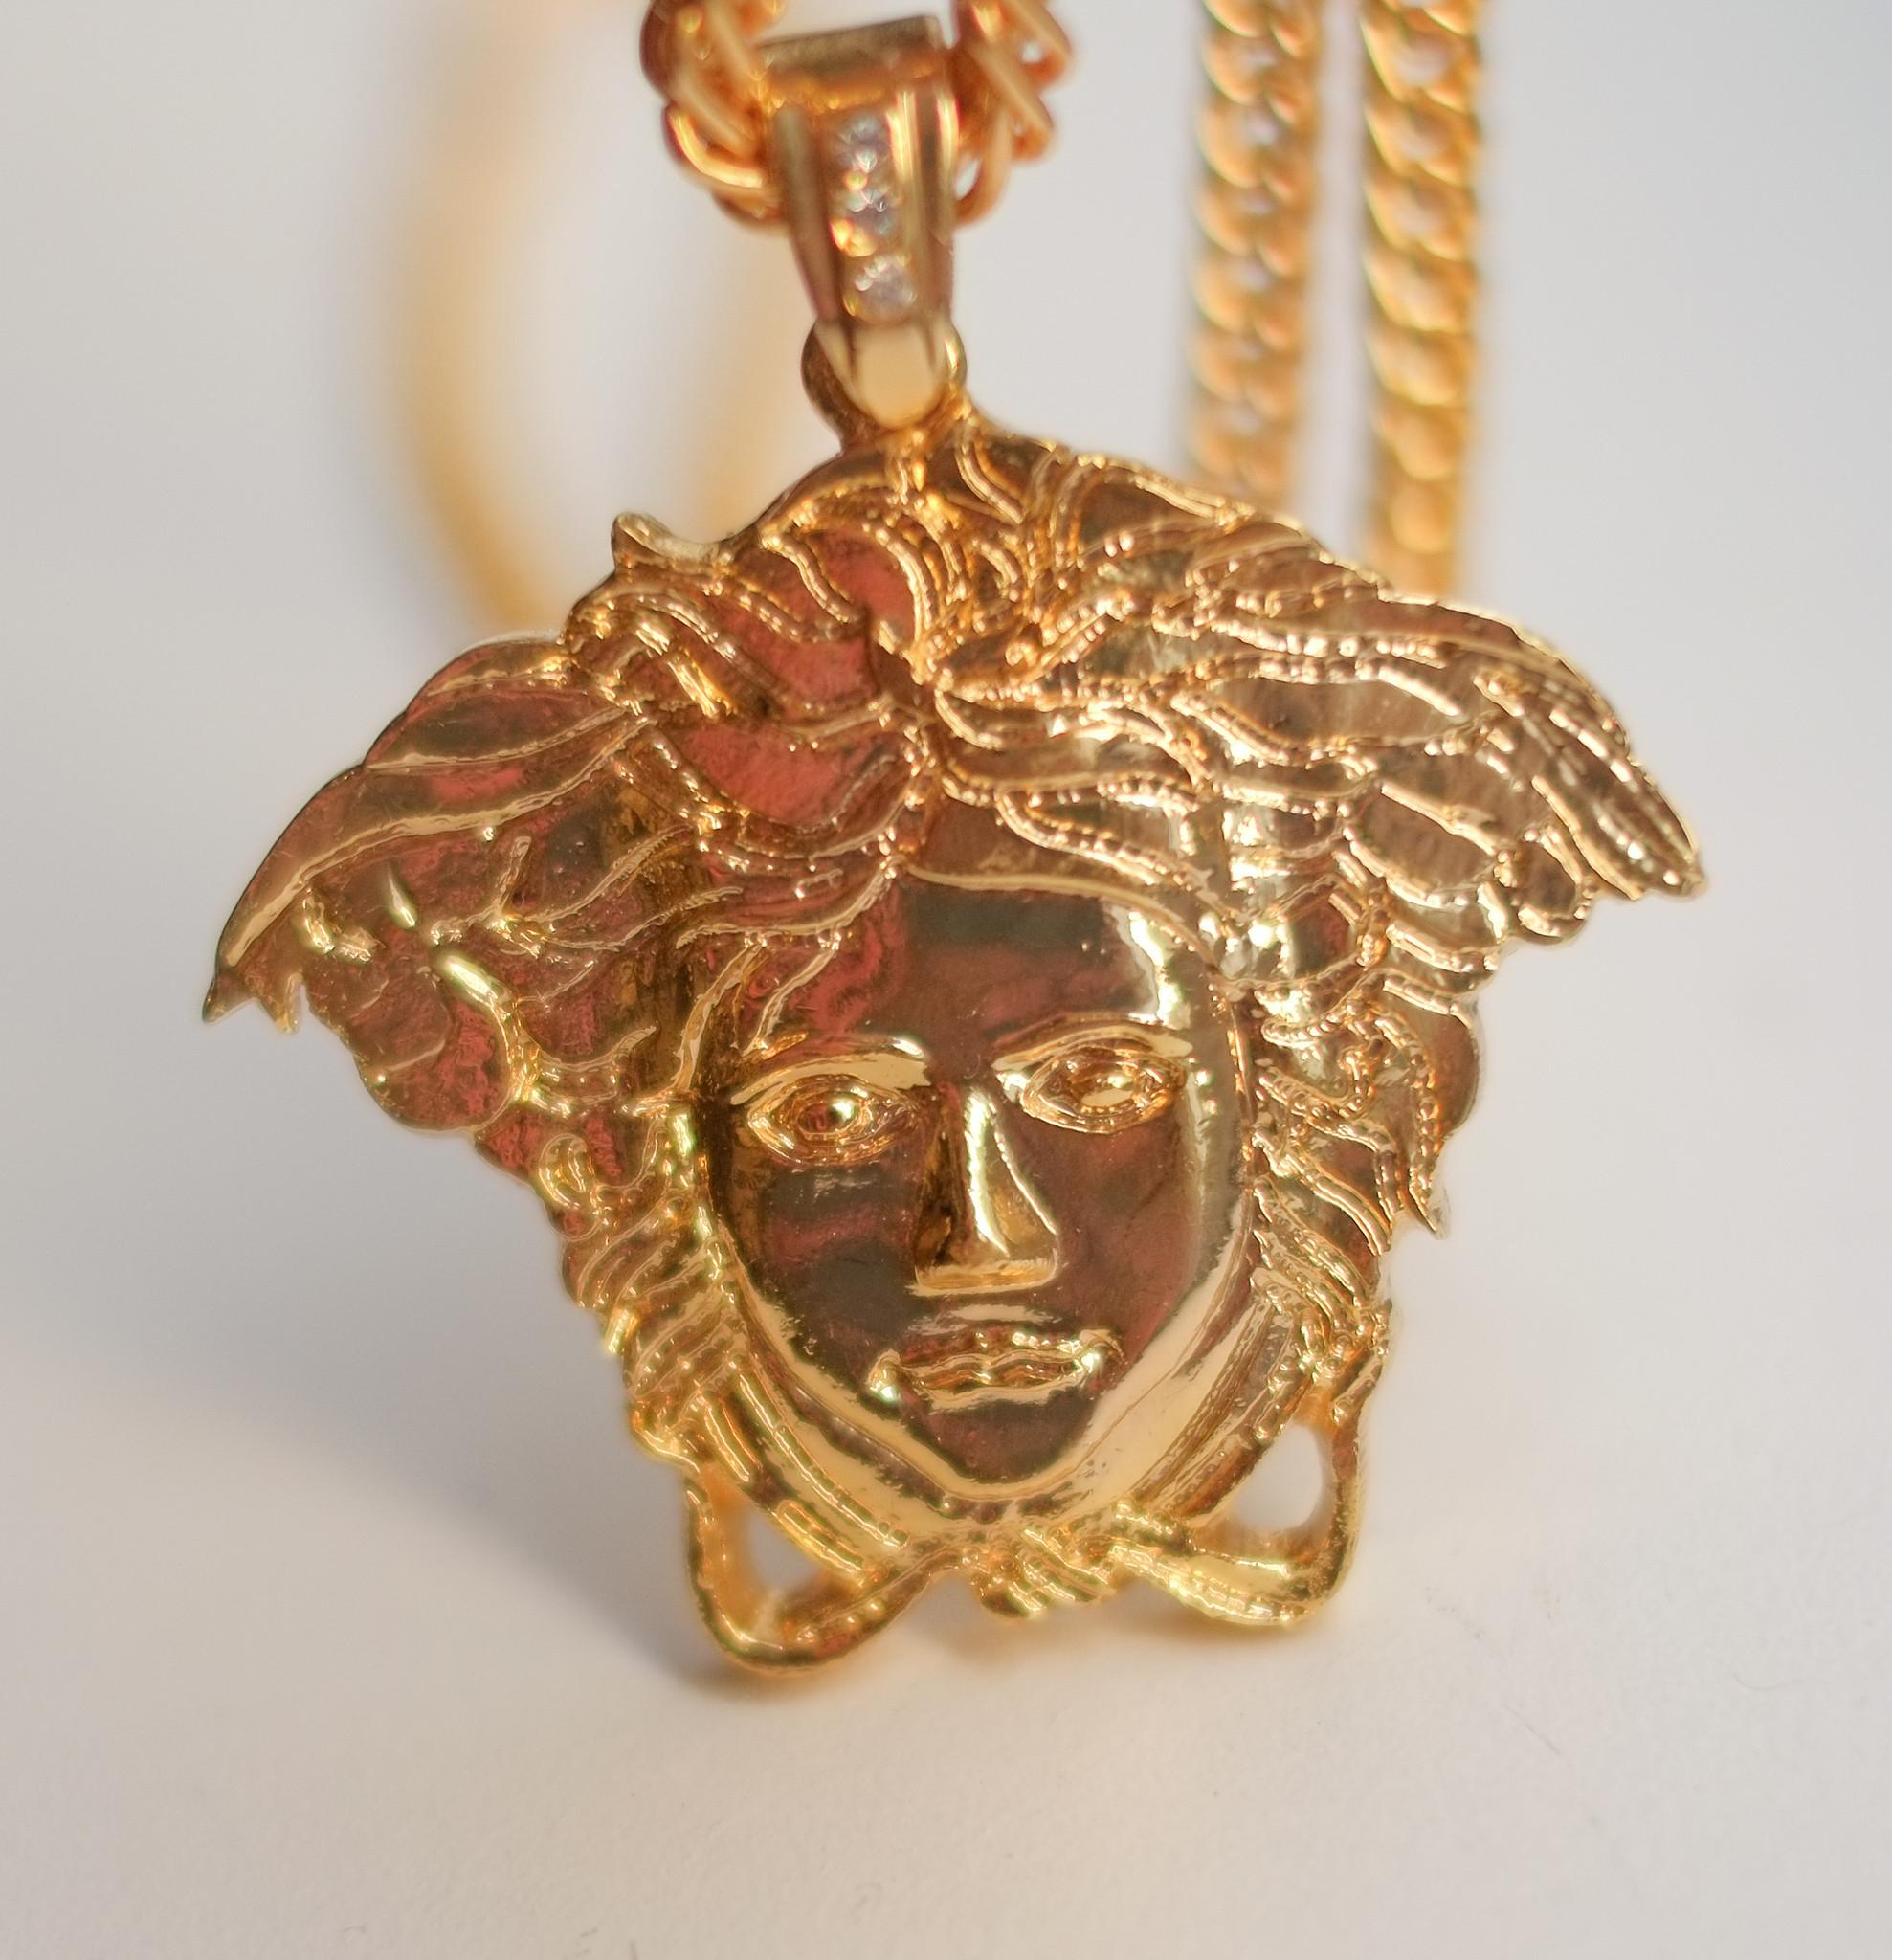 Exclusive medusa face necklace